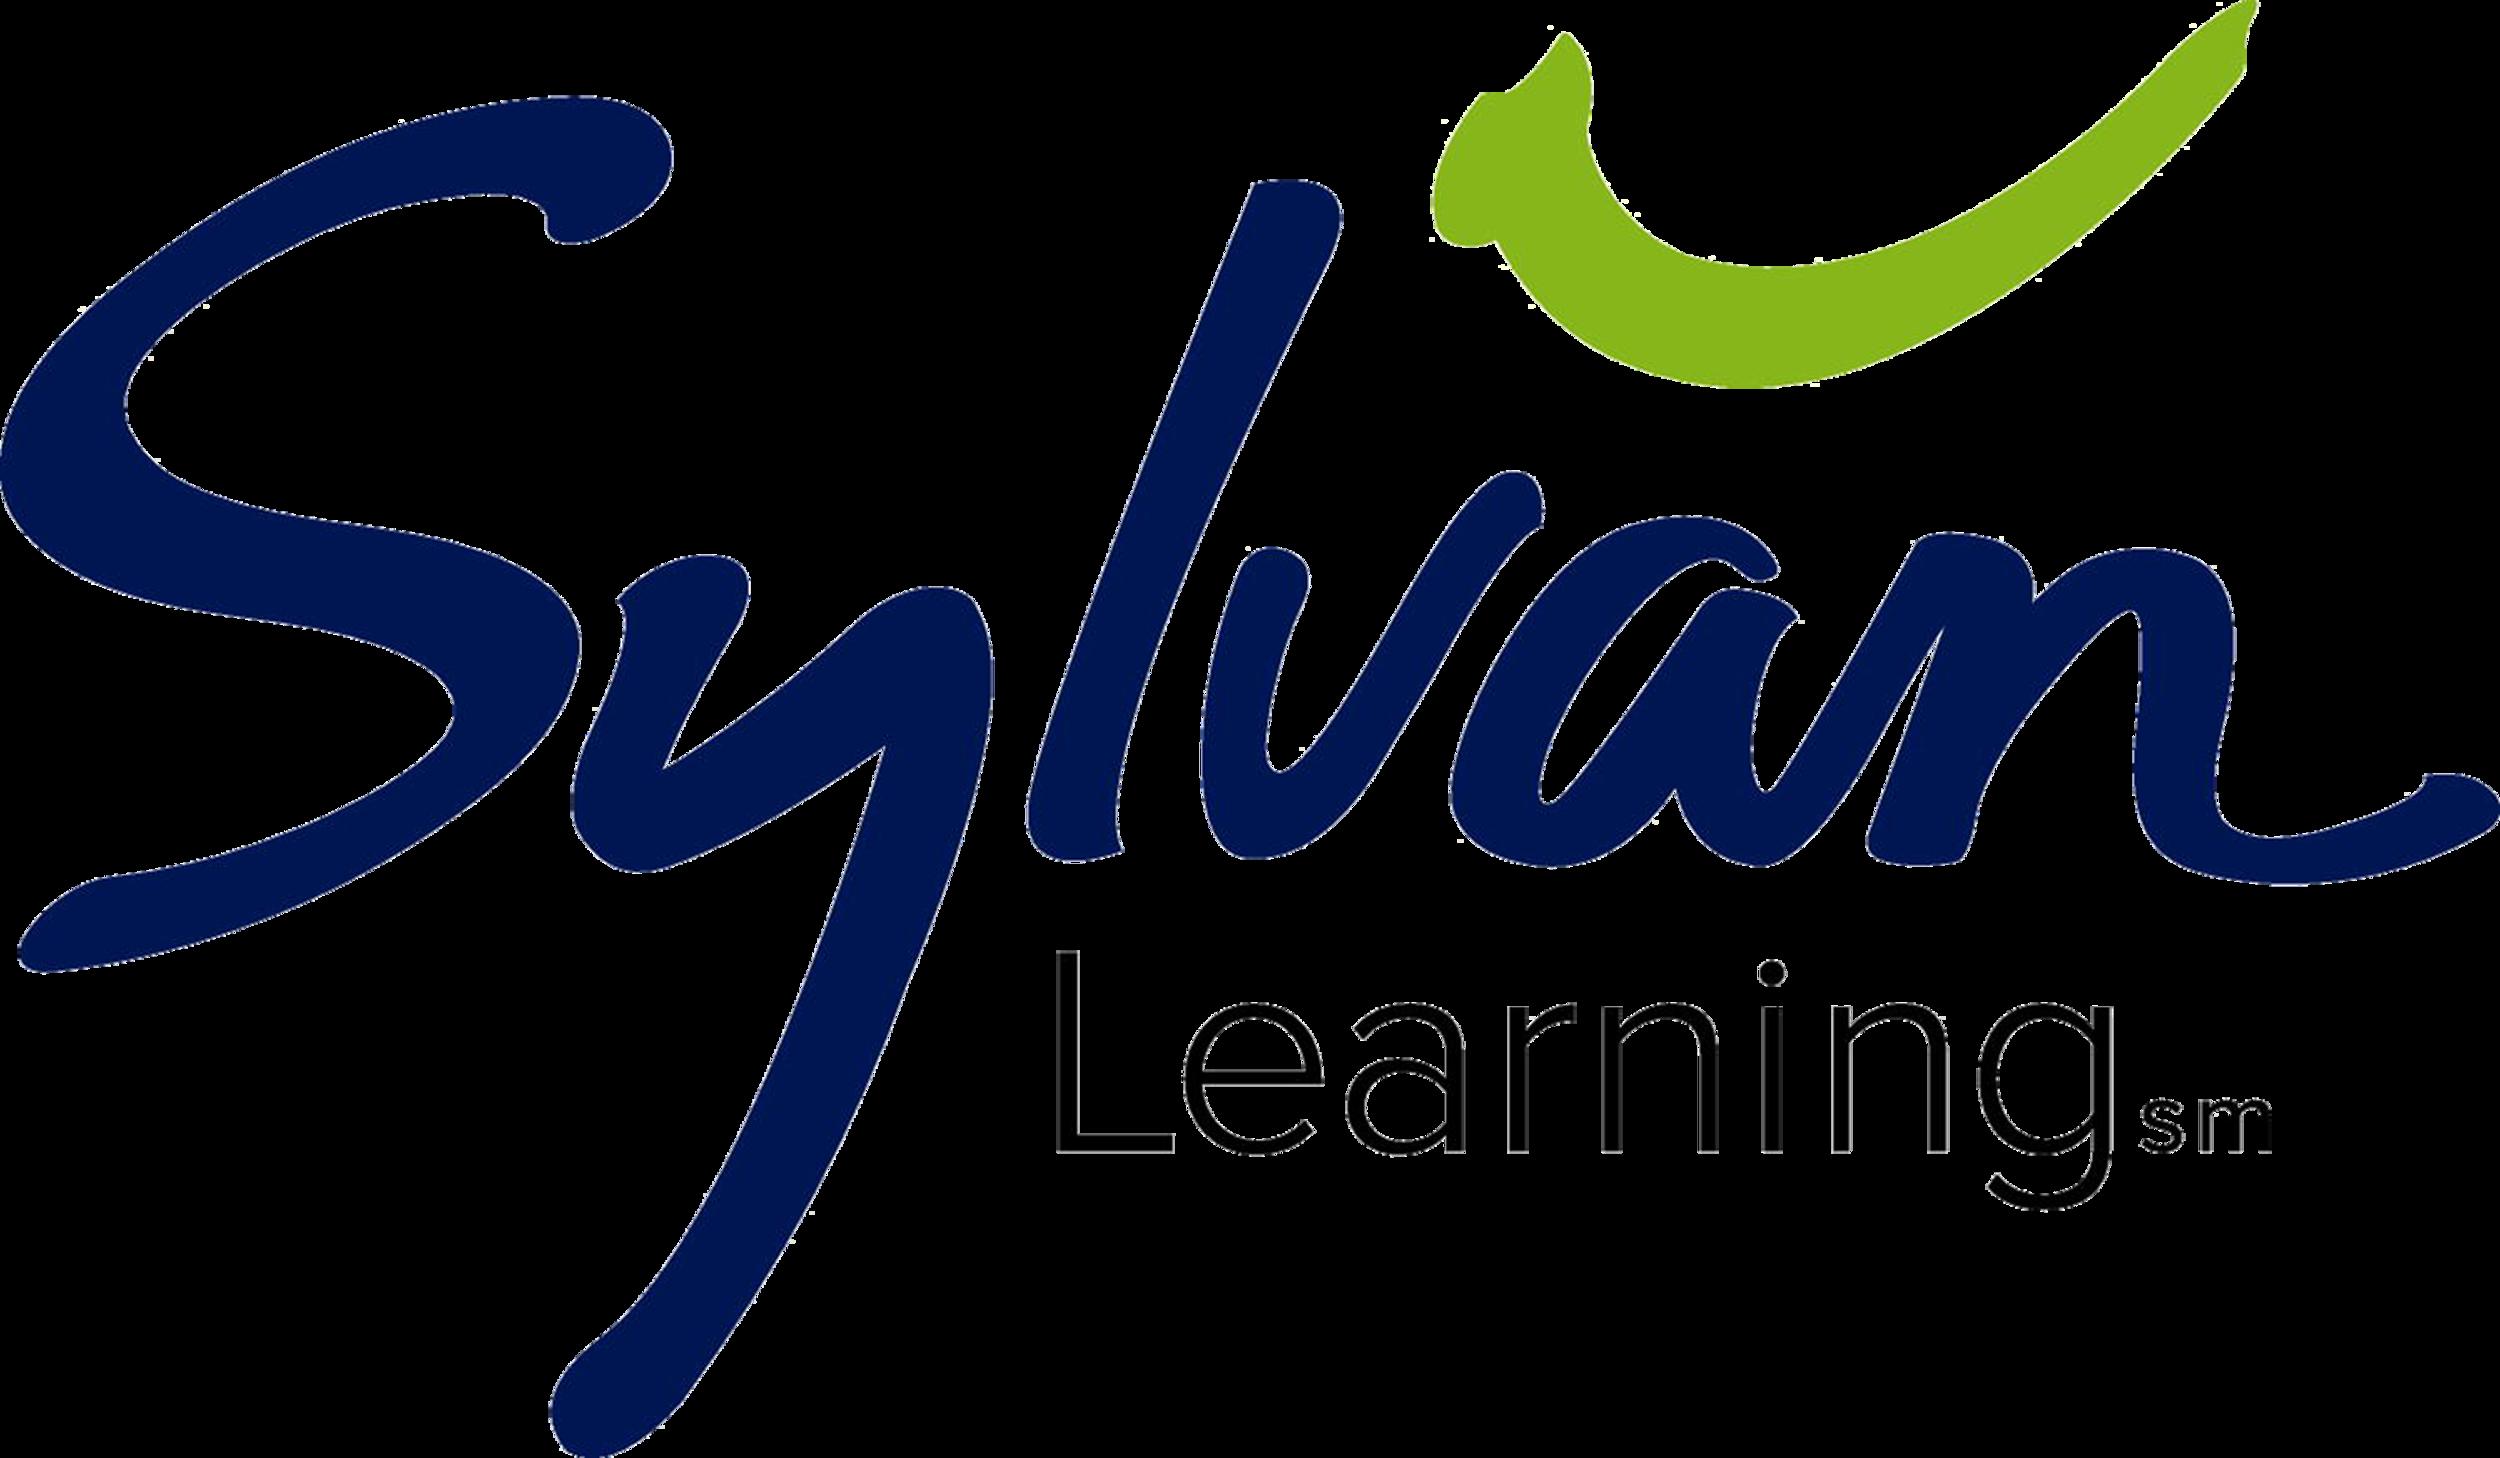 sylvan-learning-logo.png